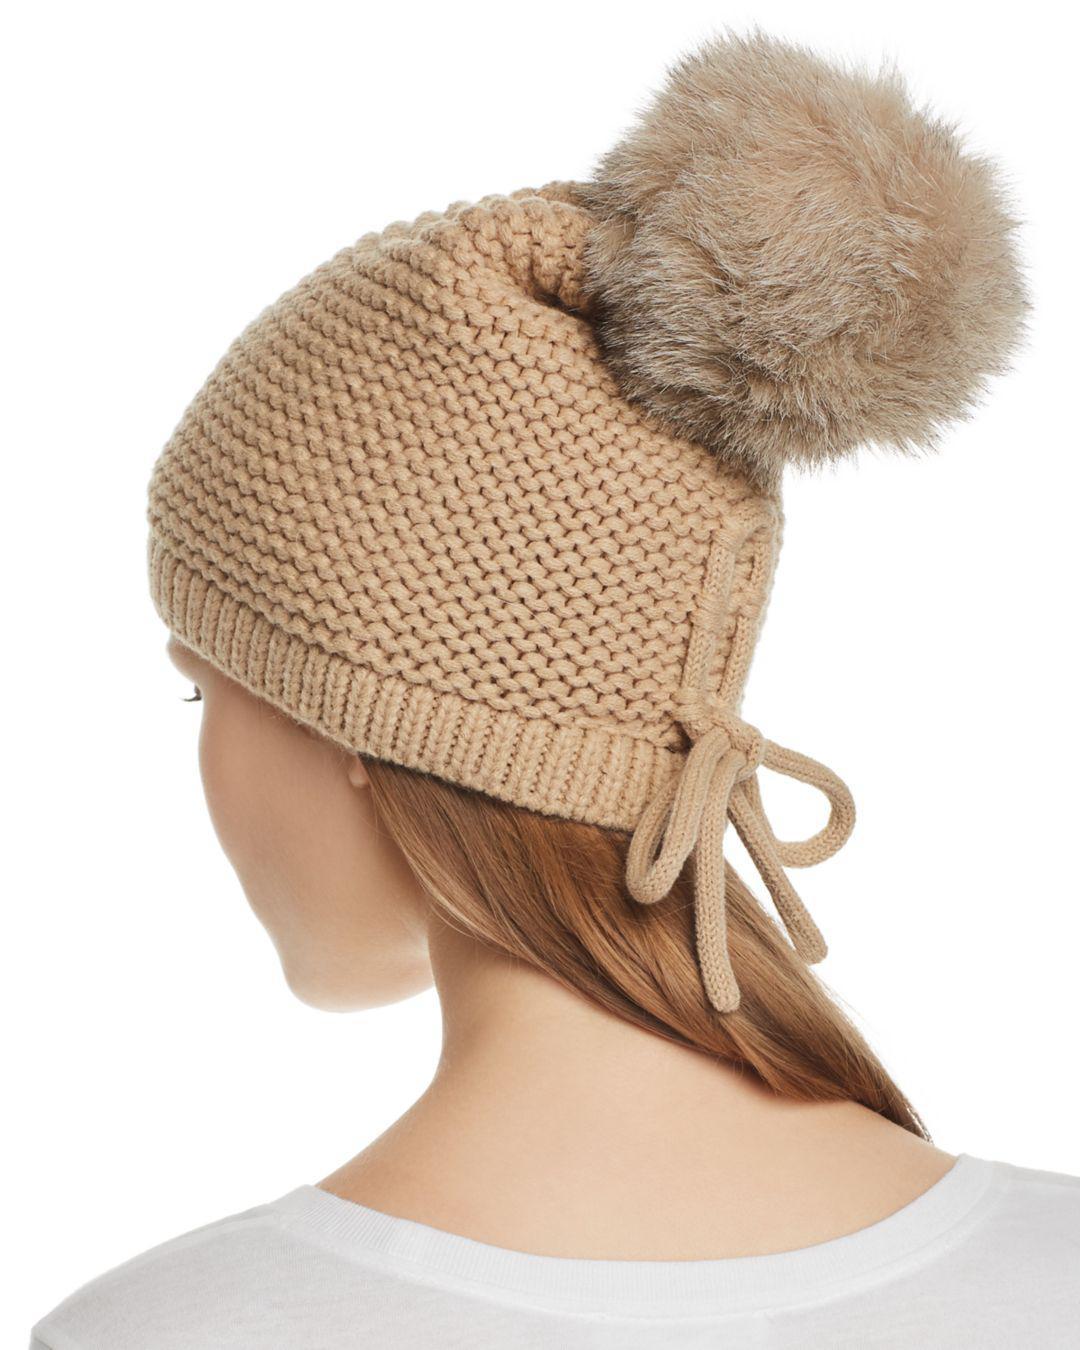 1346975d7 Kyi Kyi Slouchy Hat With Fox Fur Pom-pom in Brown - Lyst